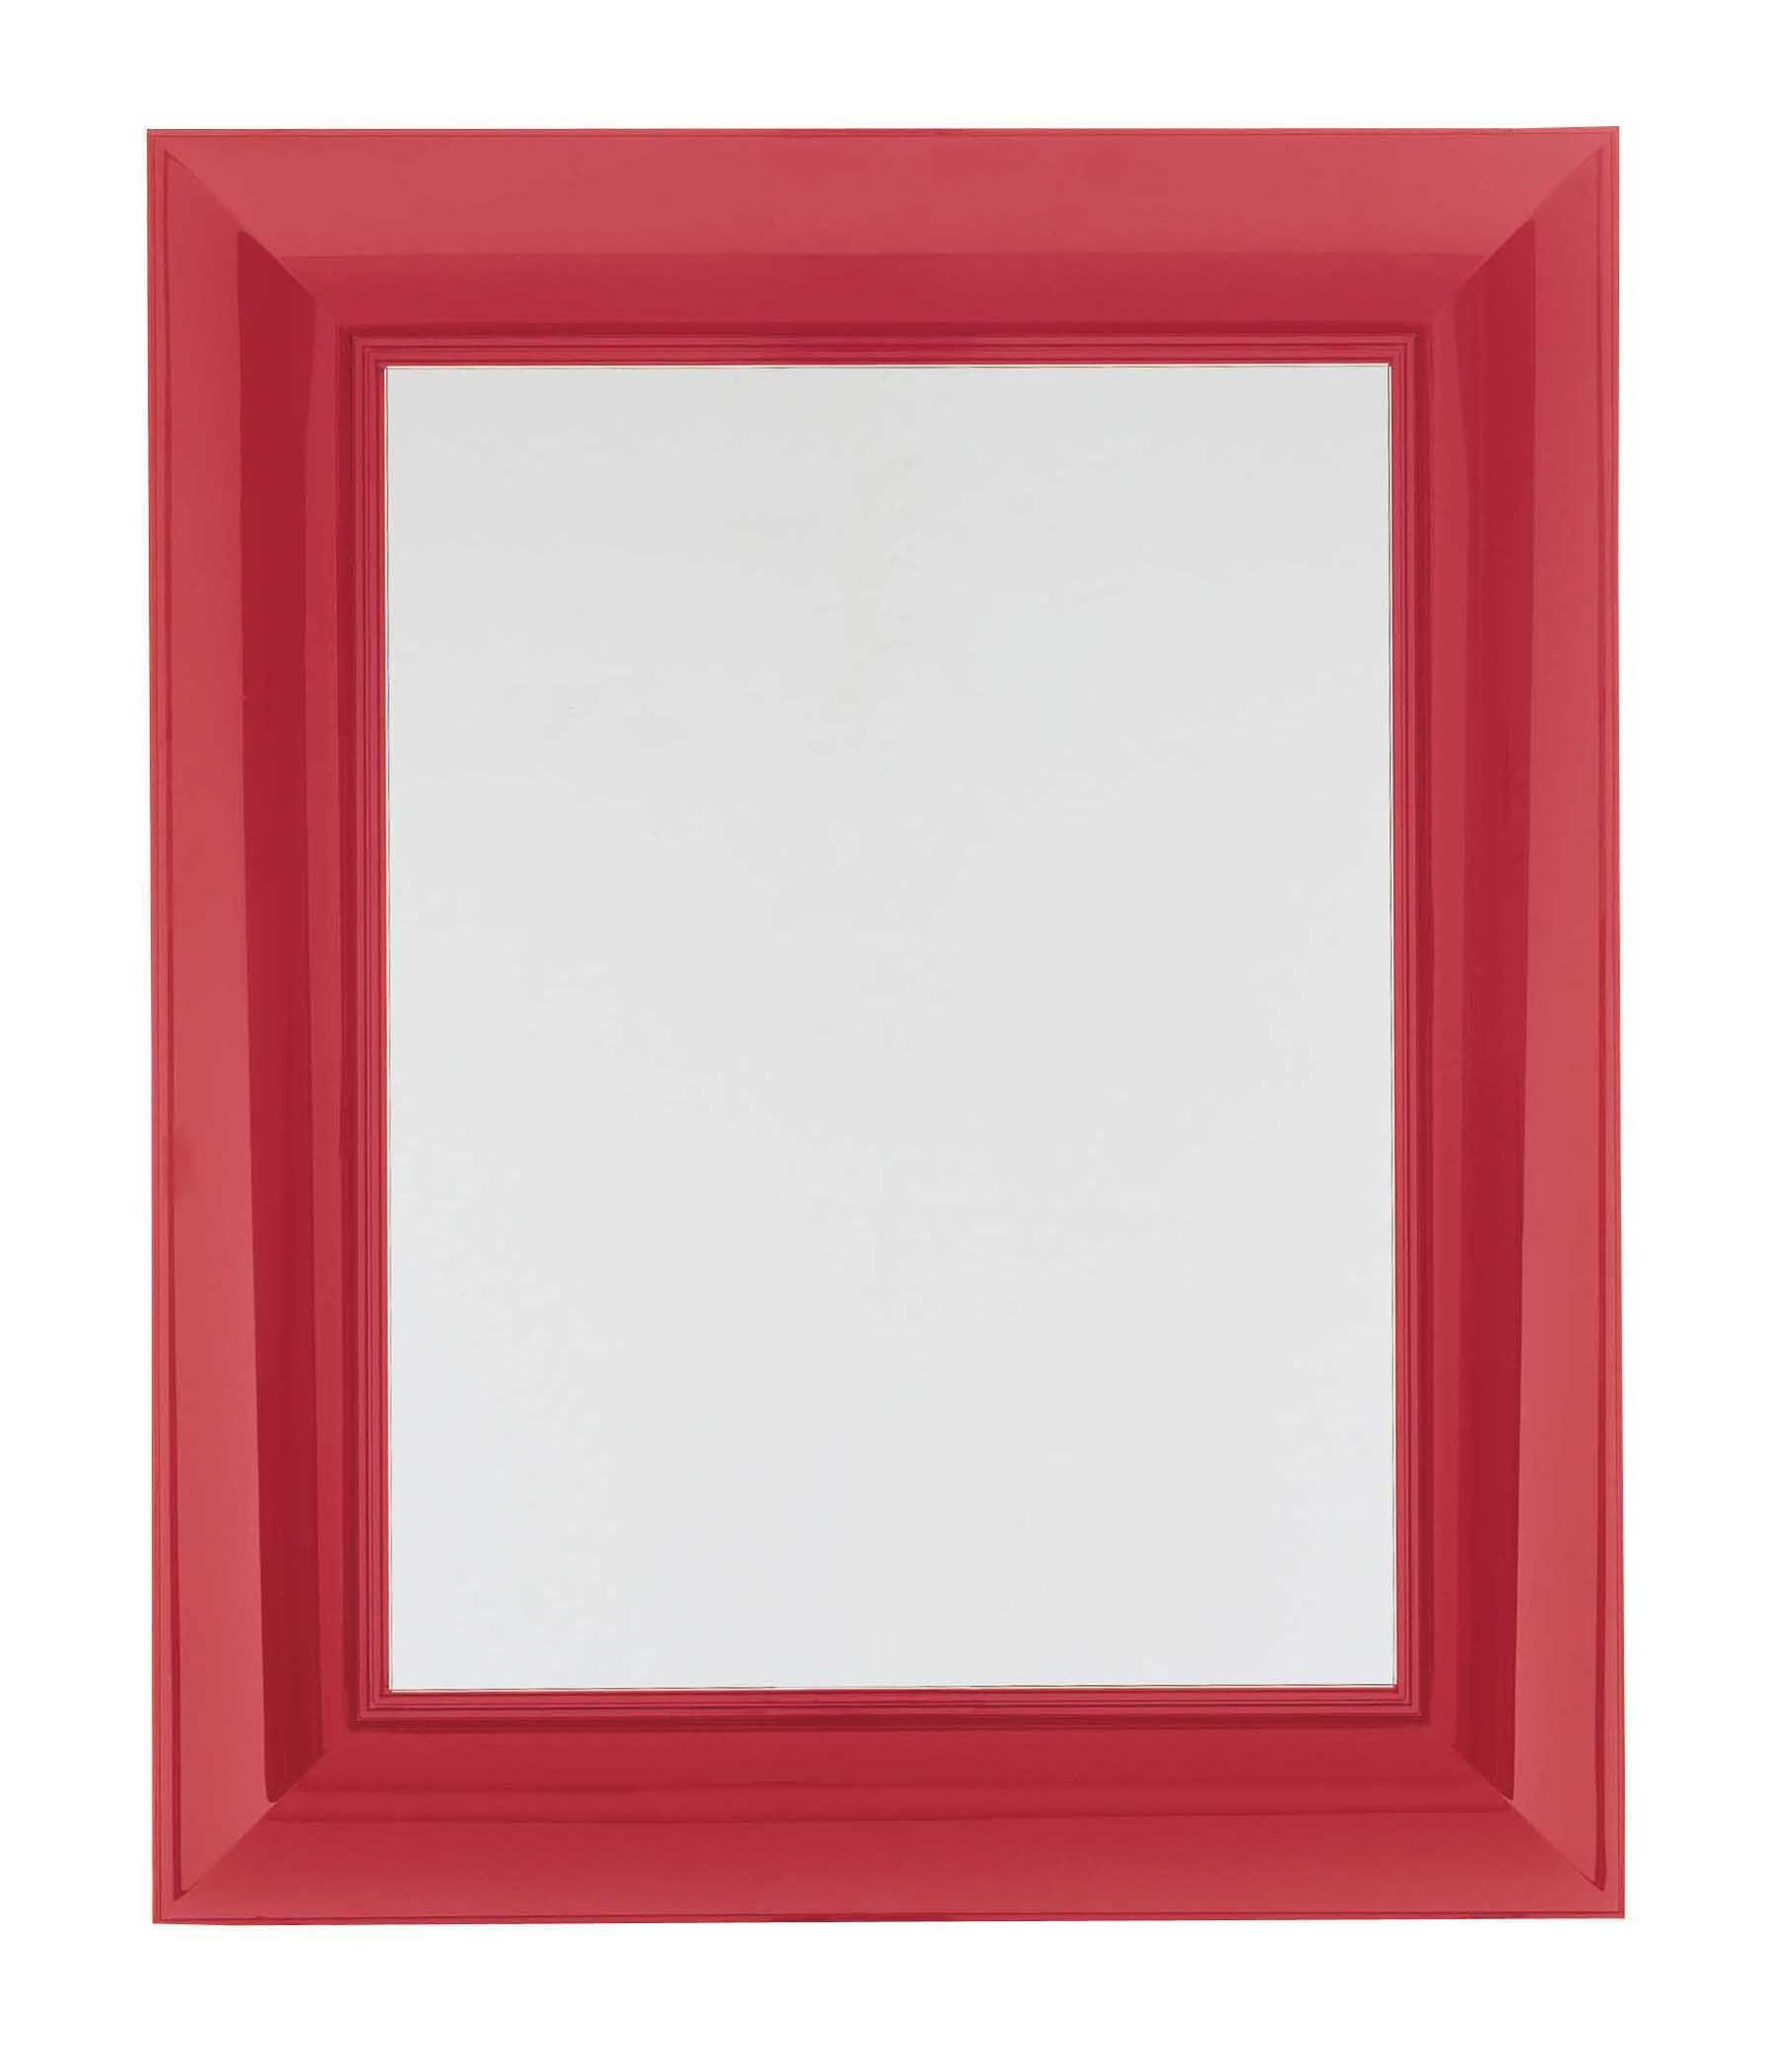 Arredamento - Specchi - Specchio murale Francois Ghost - Larghezza - 88 x 111 cm di Kartell - Rosso - policarbonato